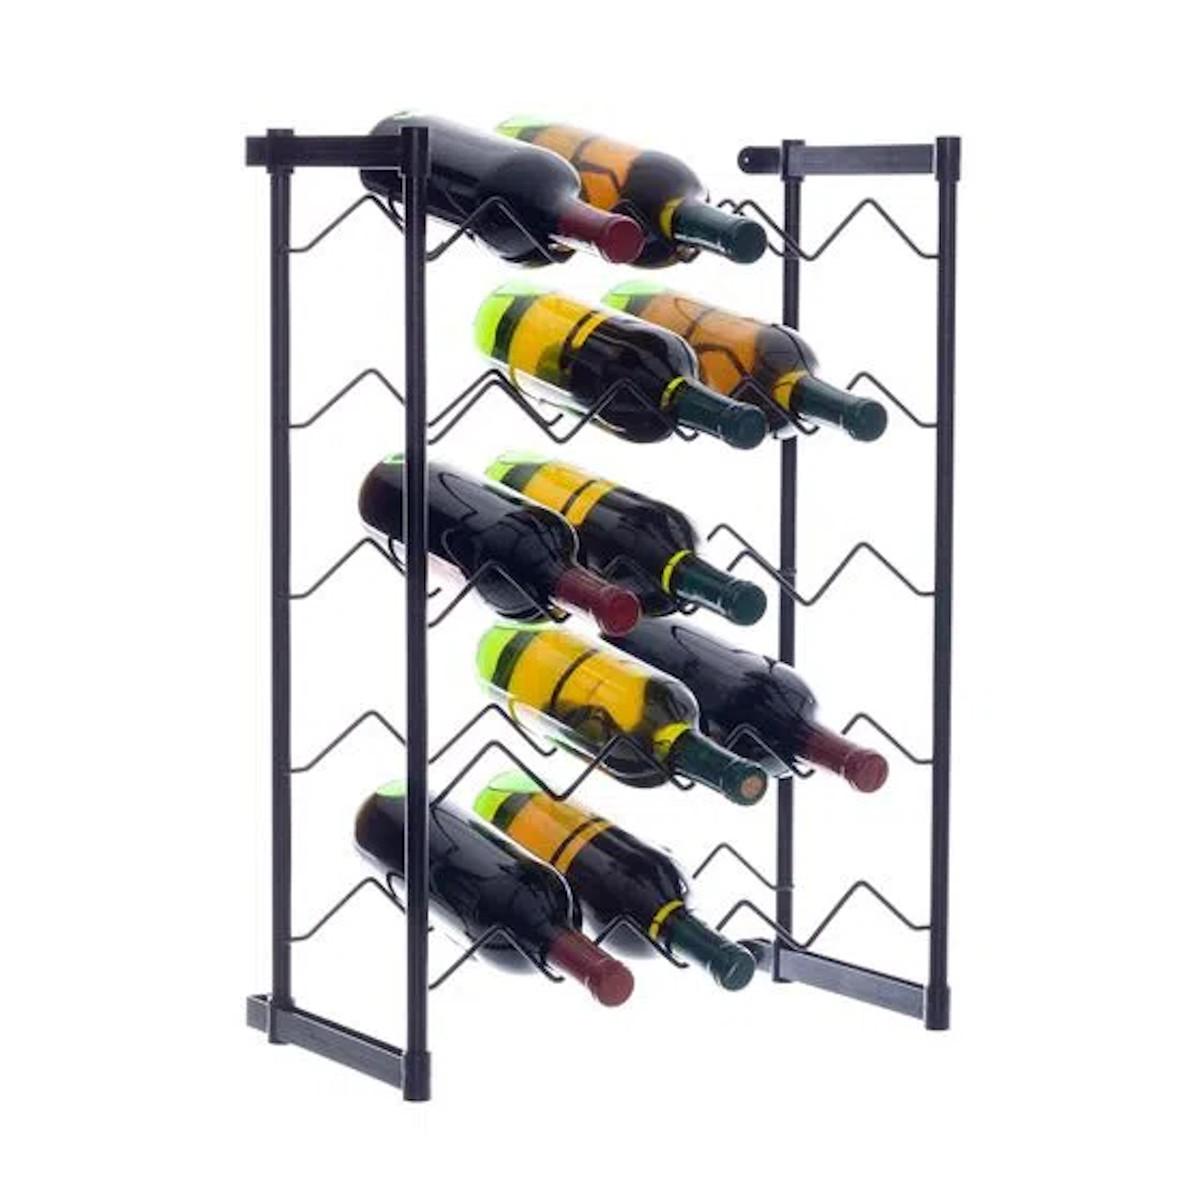 Adega de Vinho de Chão Rack Porta Até 20 Garrafas - Metaltru